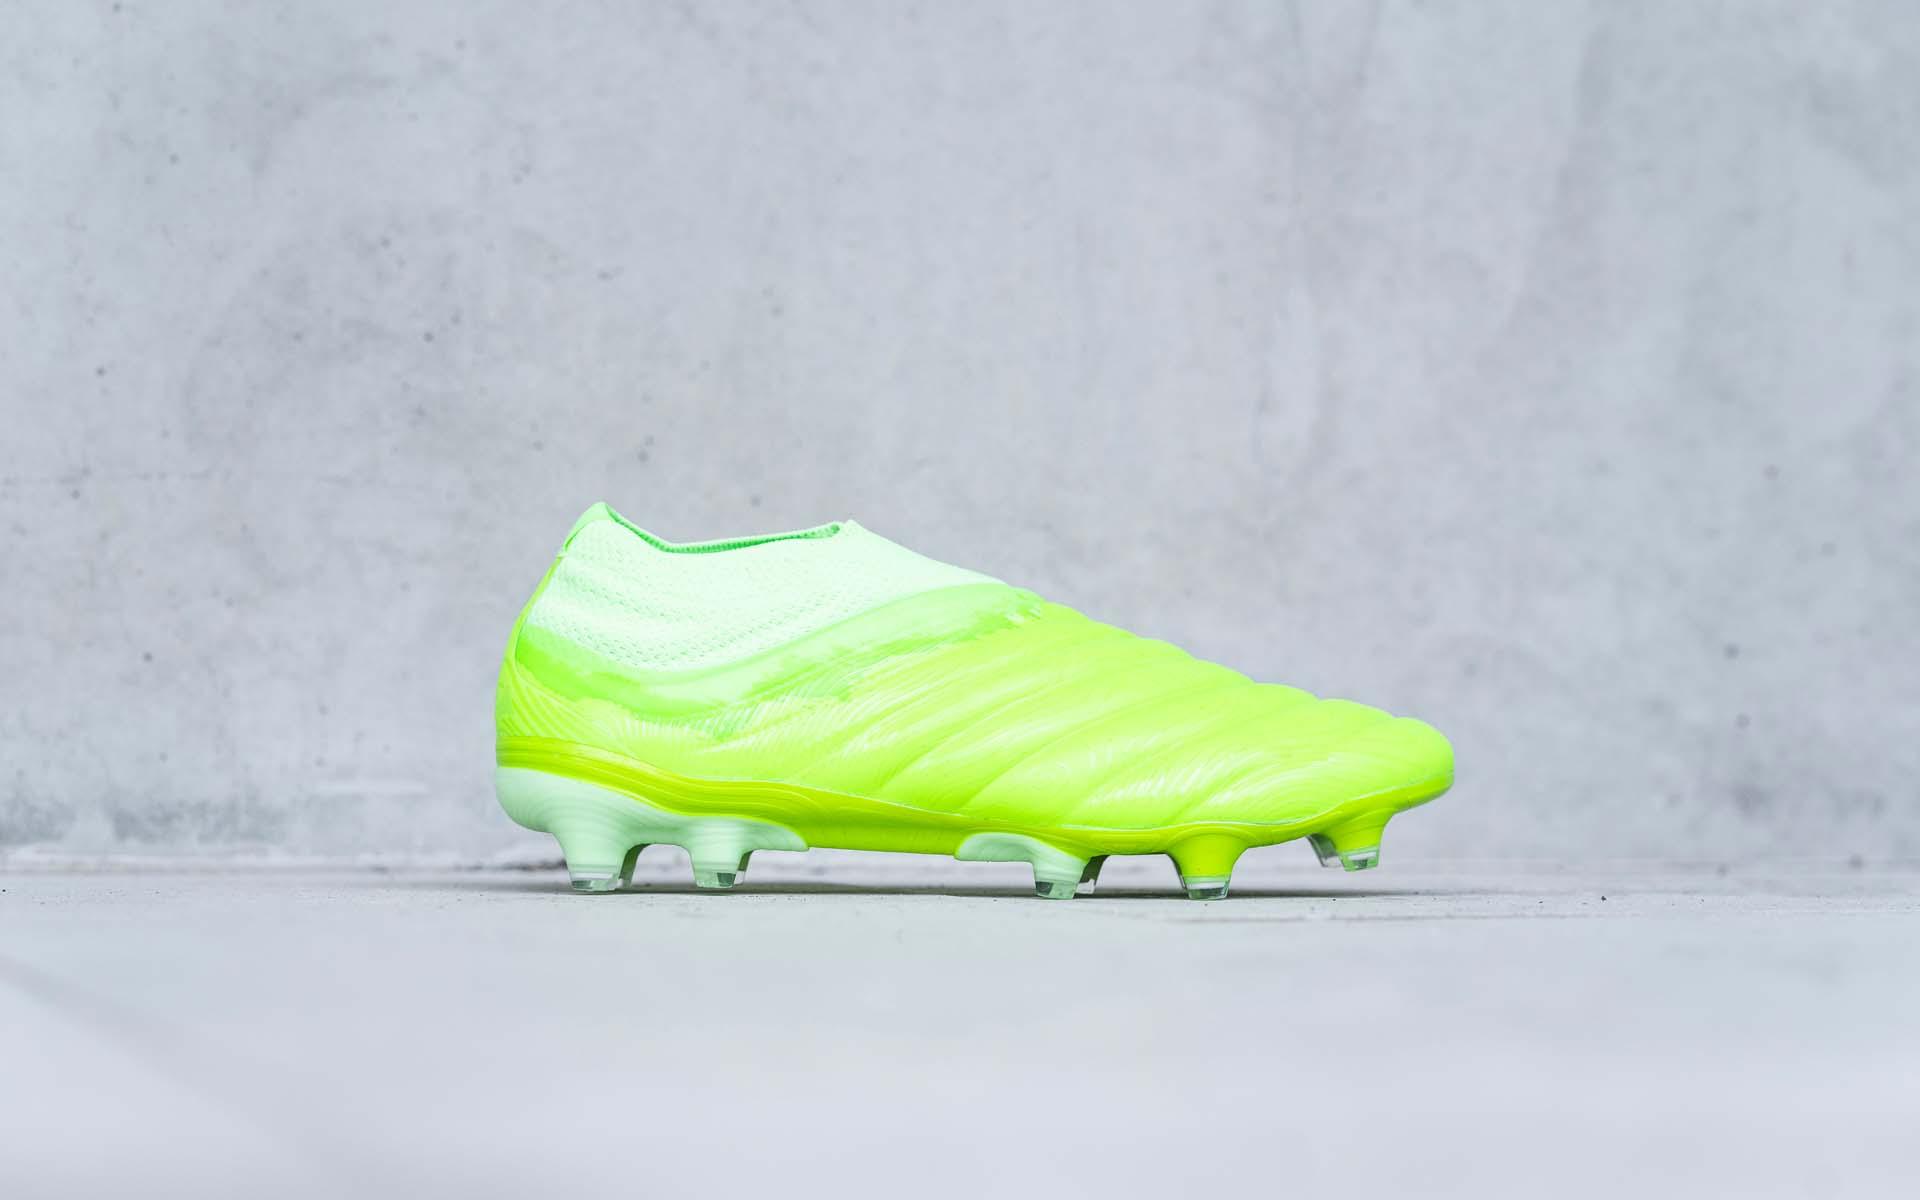 Giày Adidas Copa 19+ Locality Pack màu xanh nõn chuối cực kỳ đẹp mắt